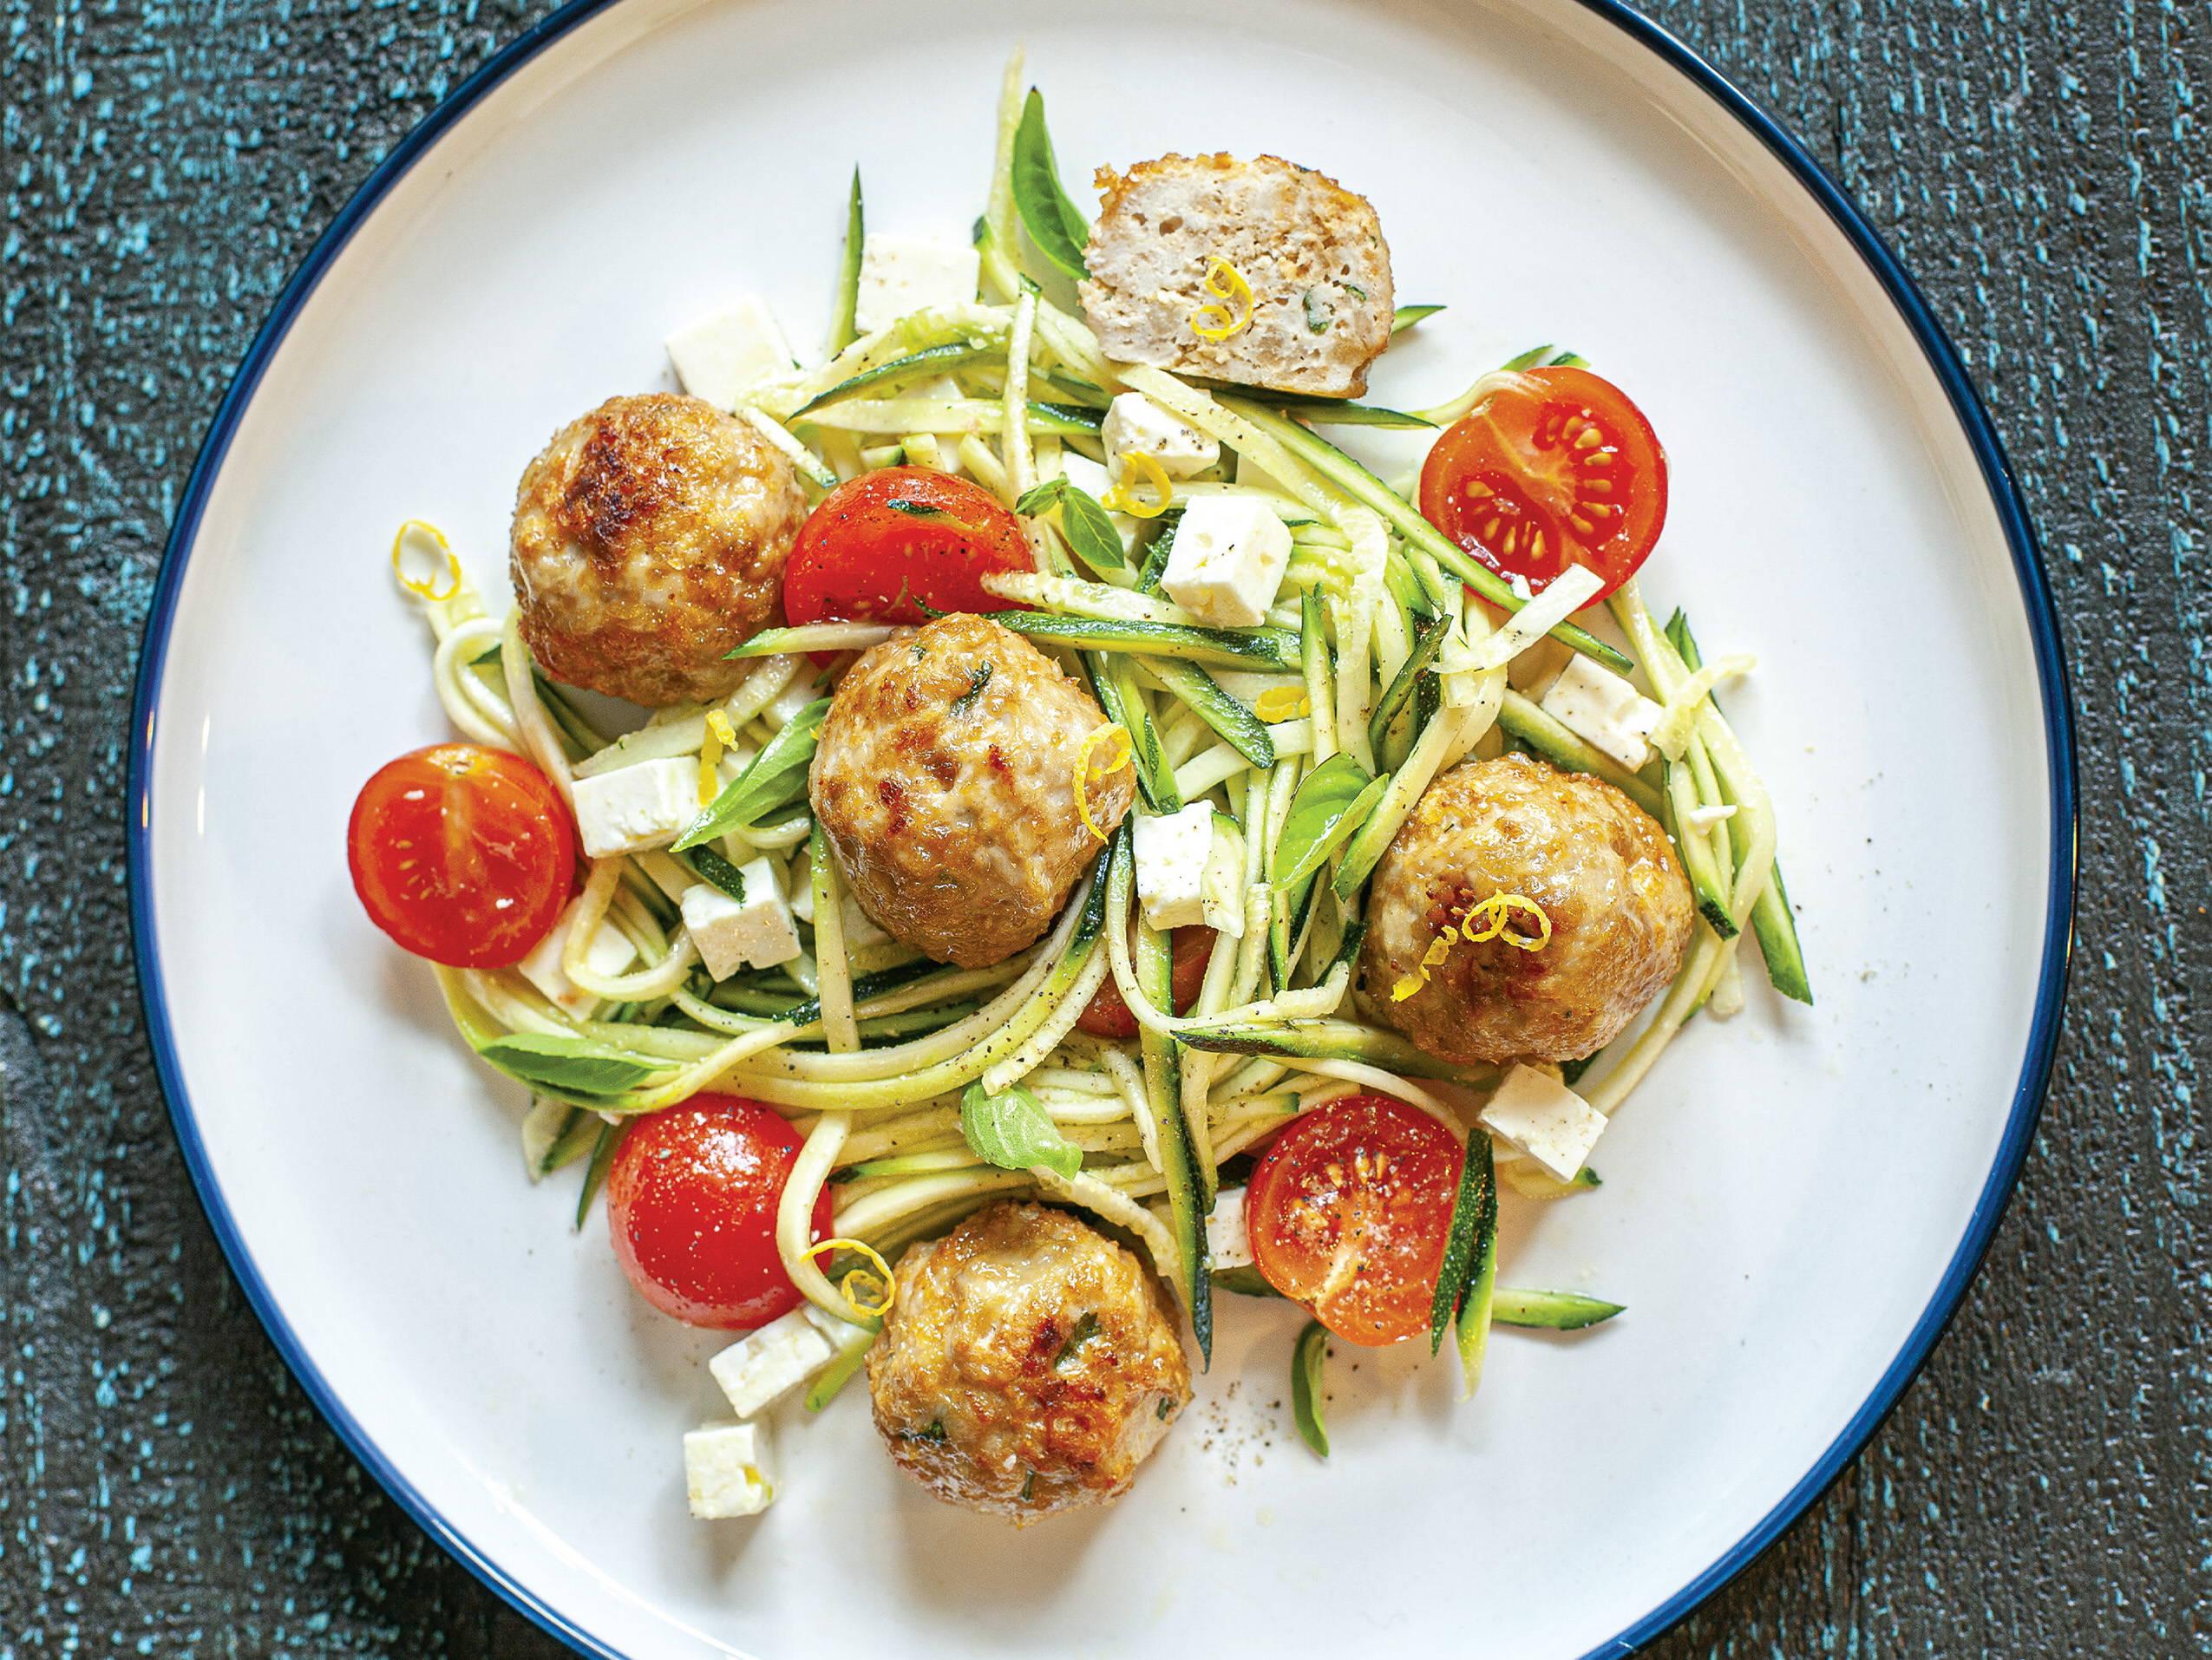 Recette santé de salade avec courgettes et boulettes de poulet, de la docteure en nutrition Isabelle Huot